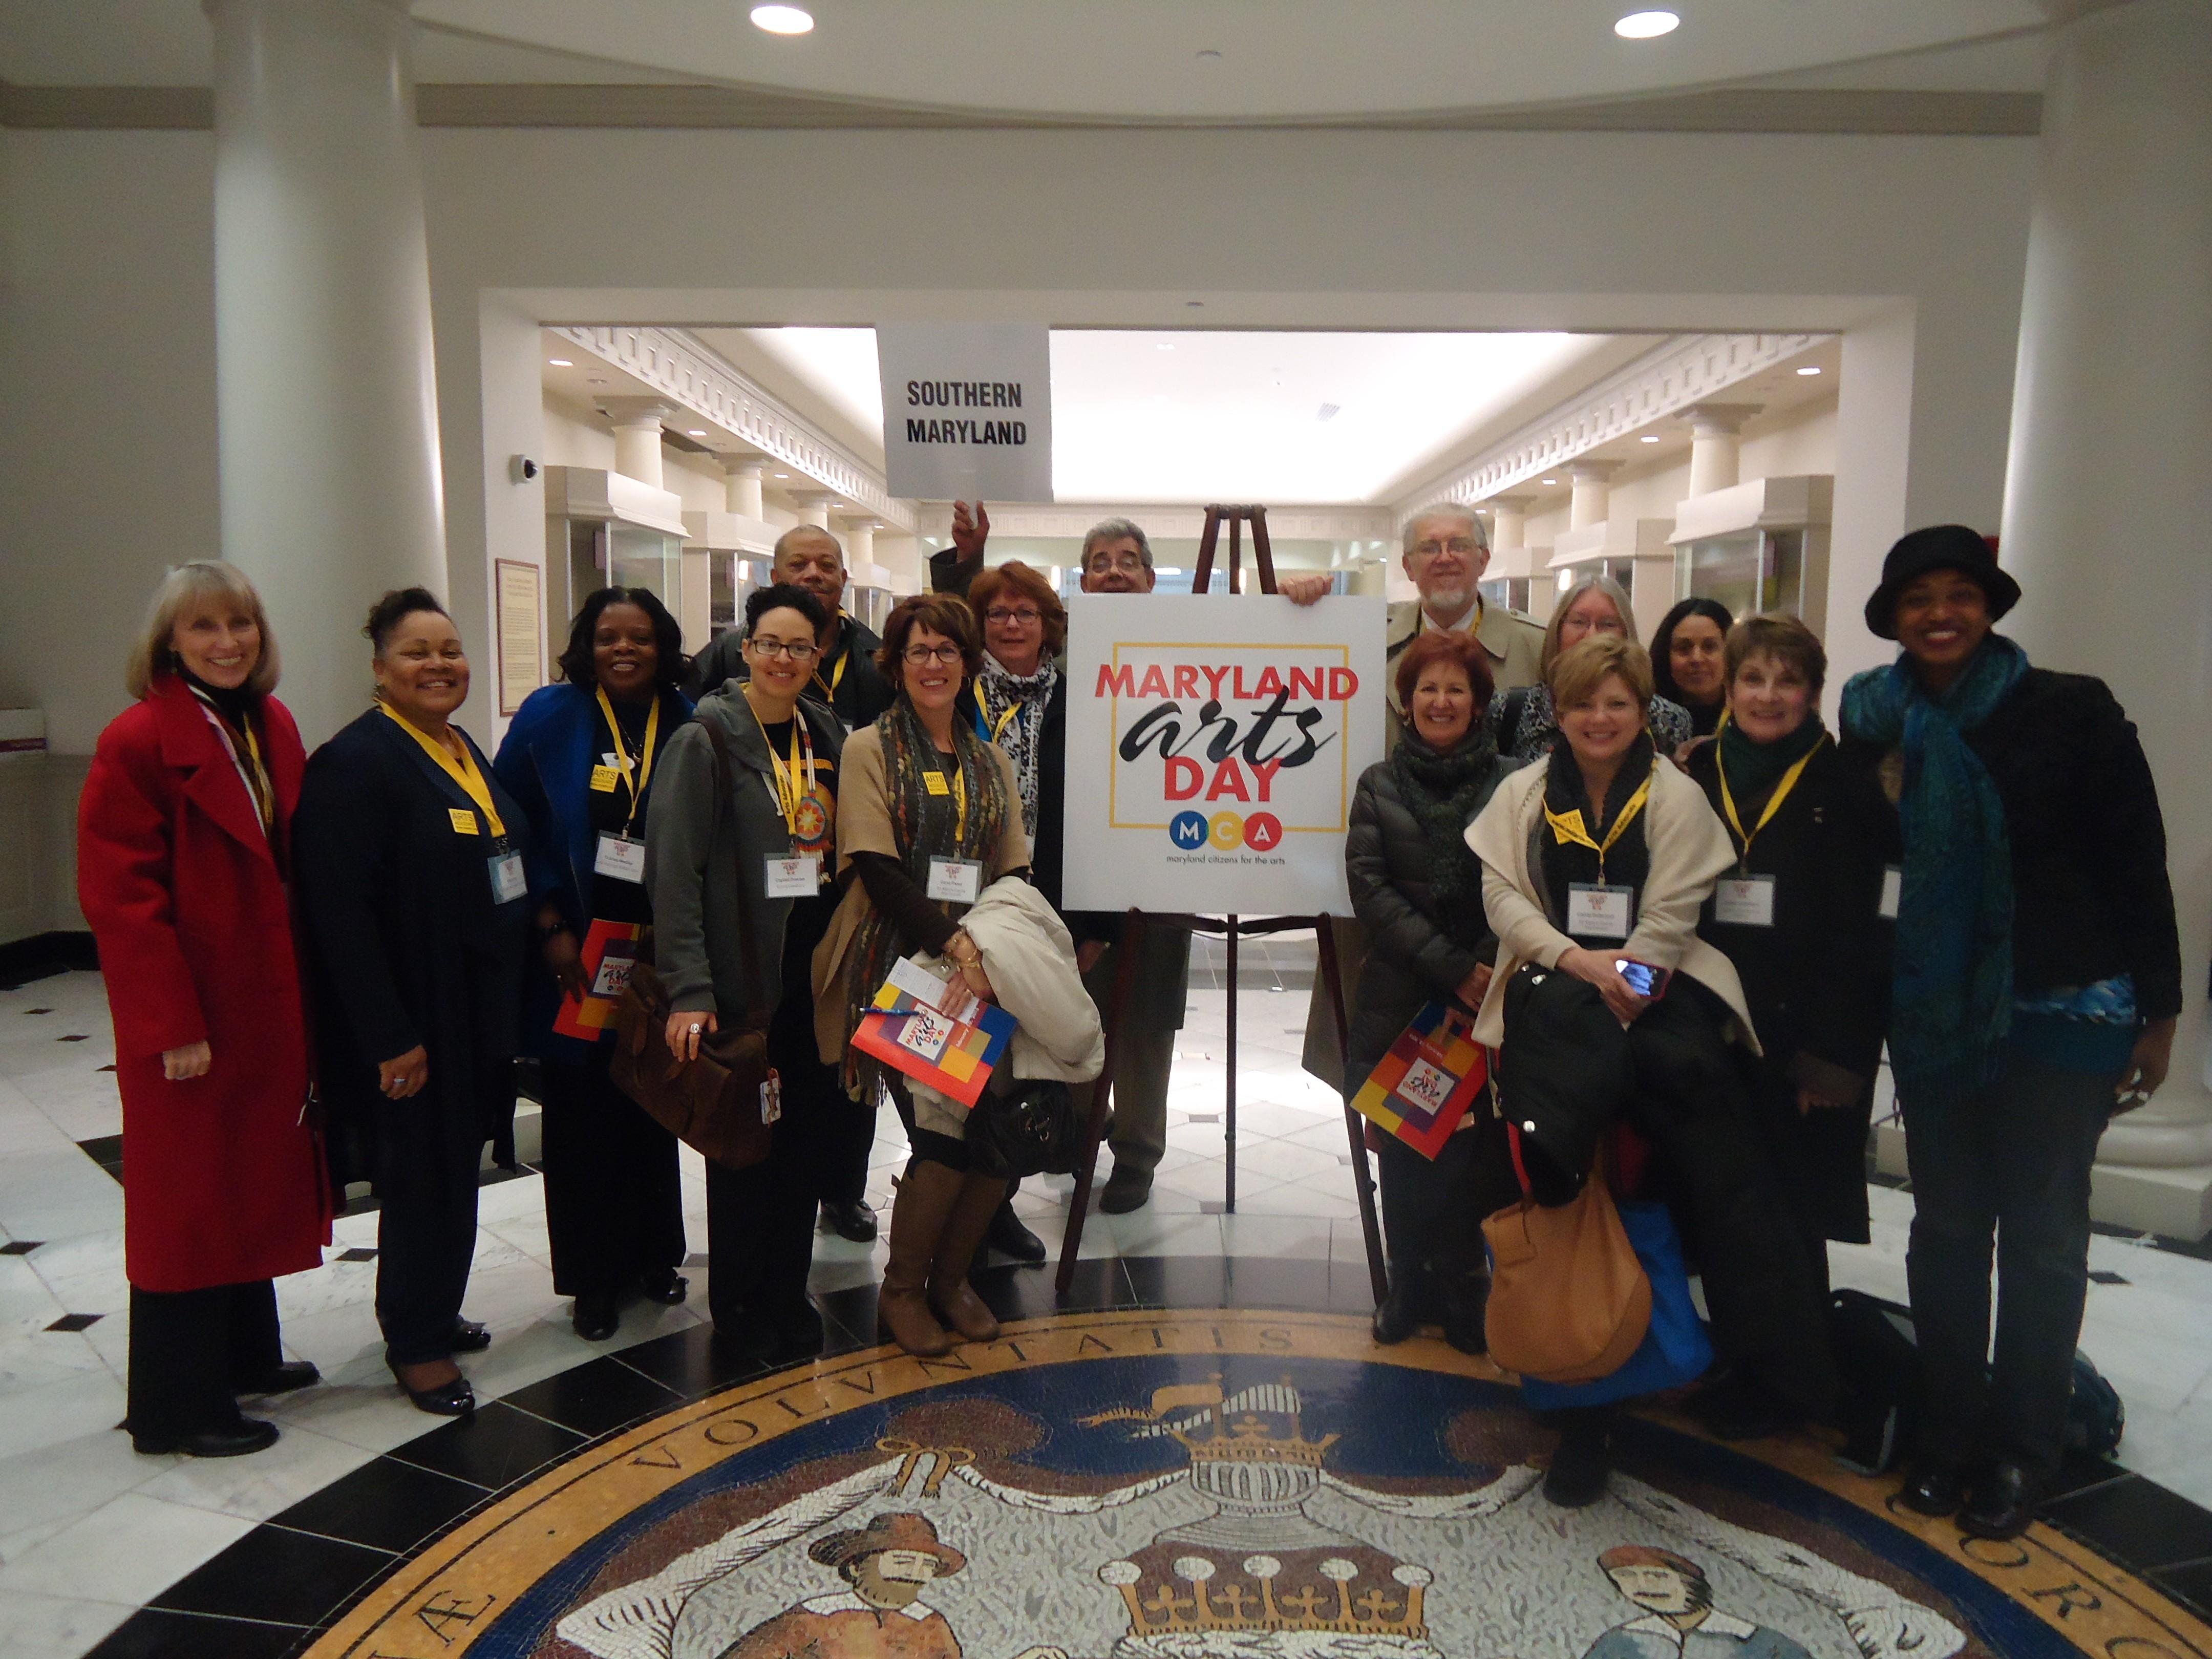 Southern Maryland Delegation